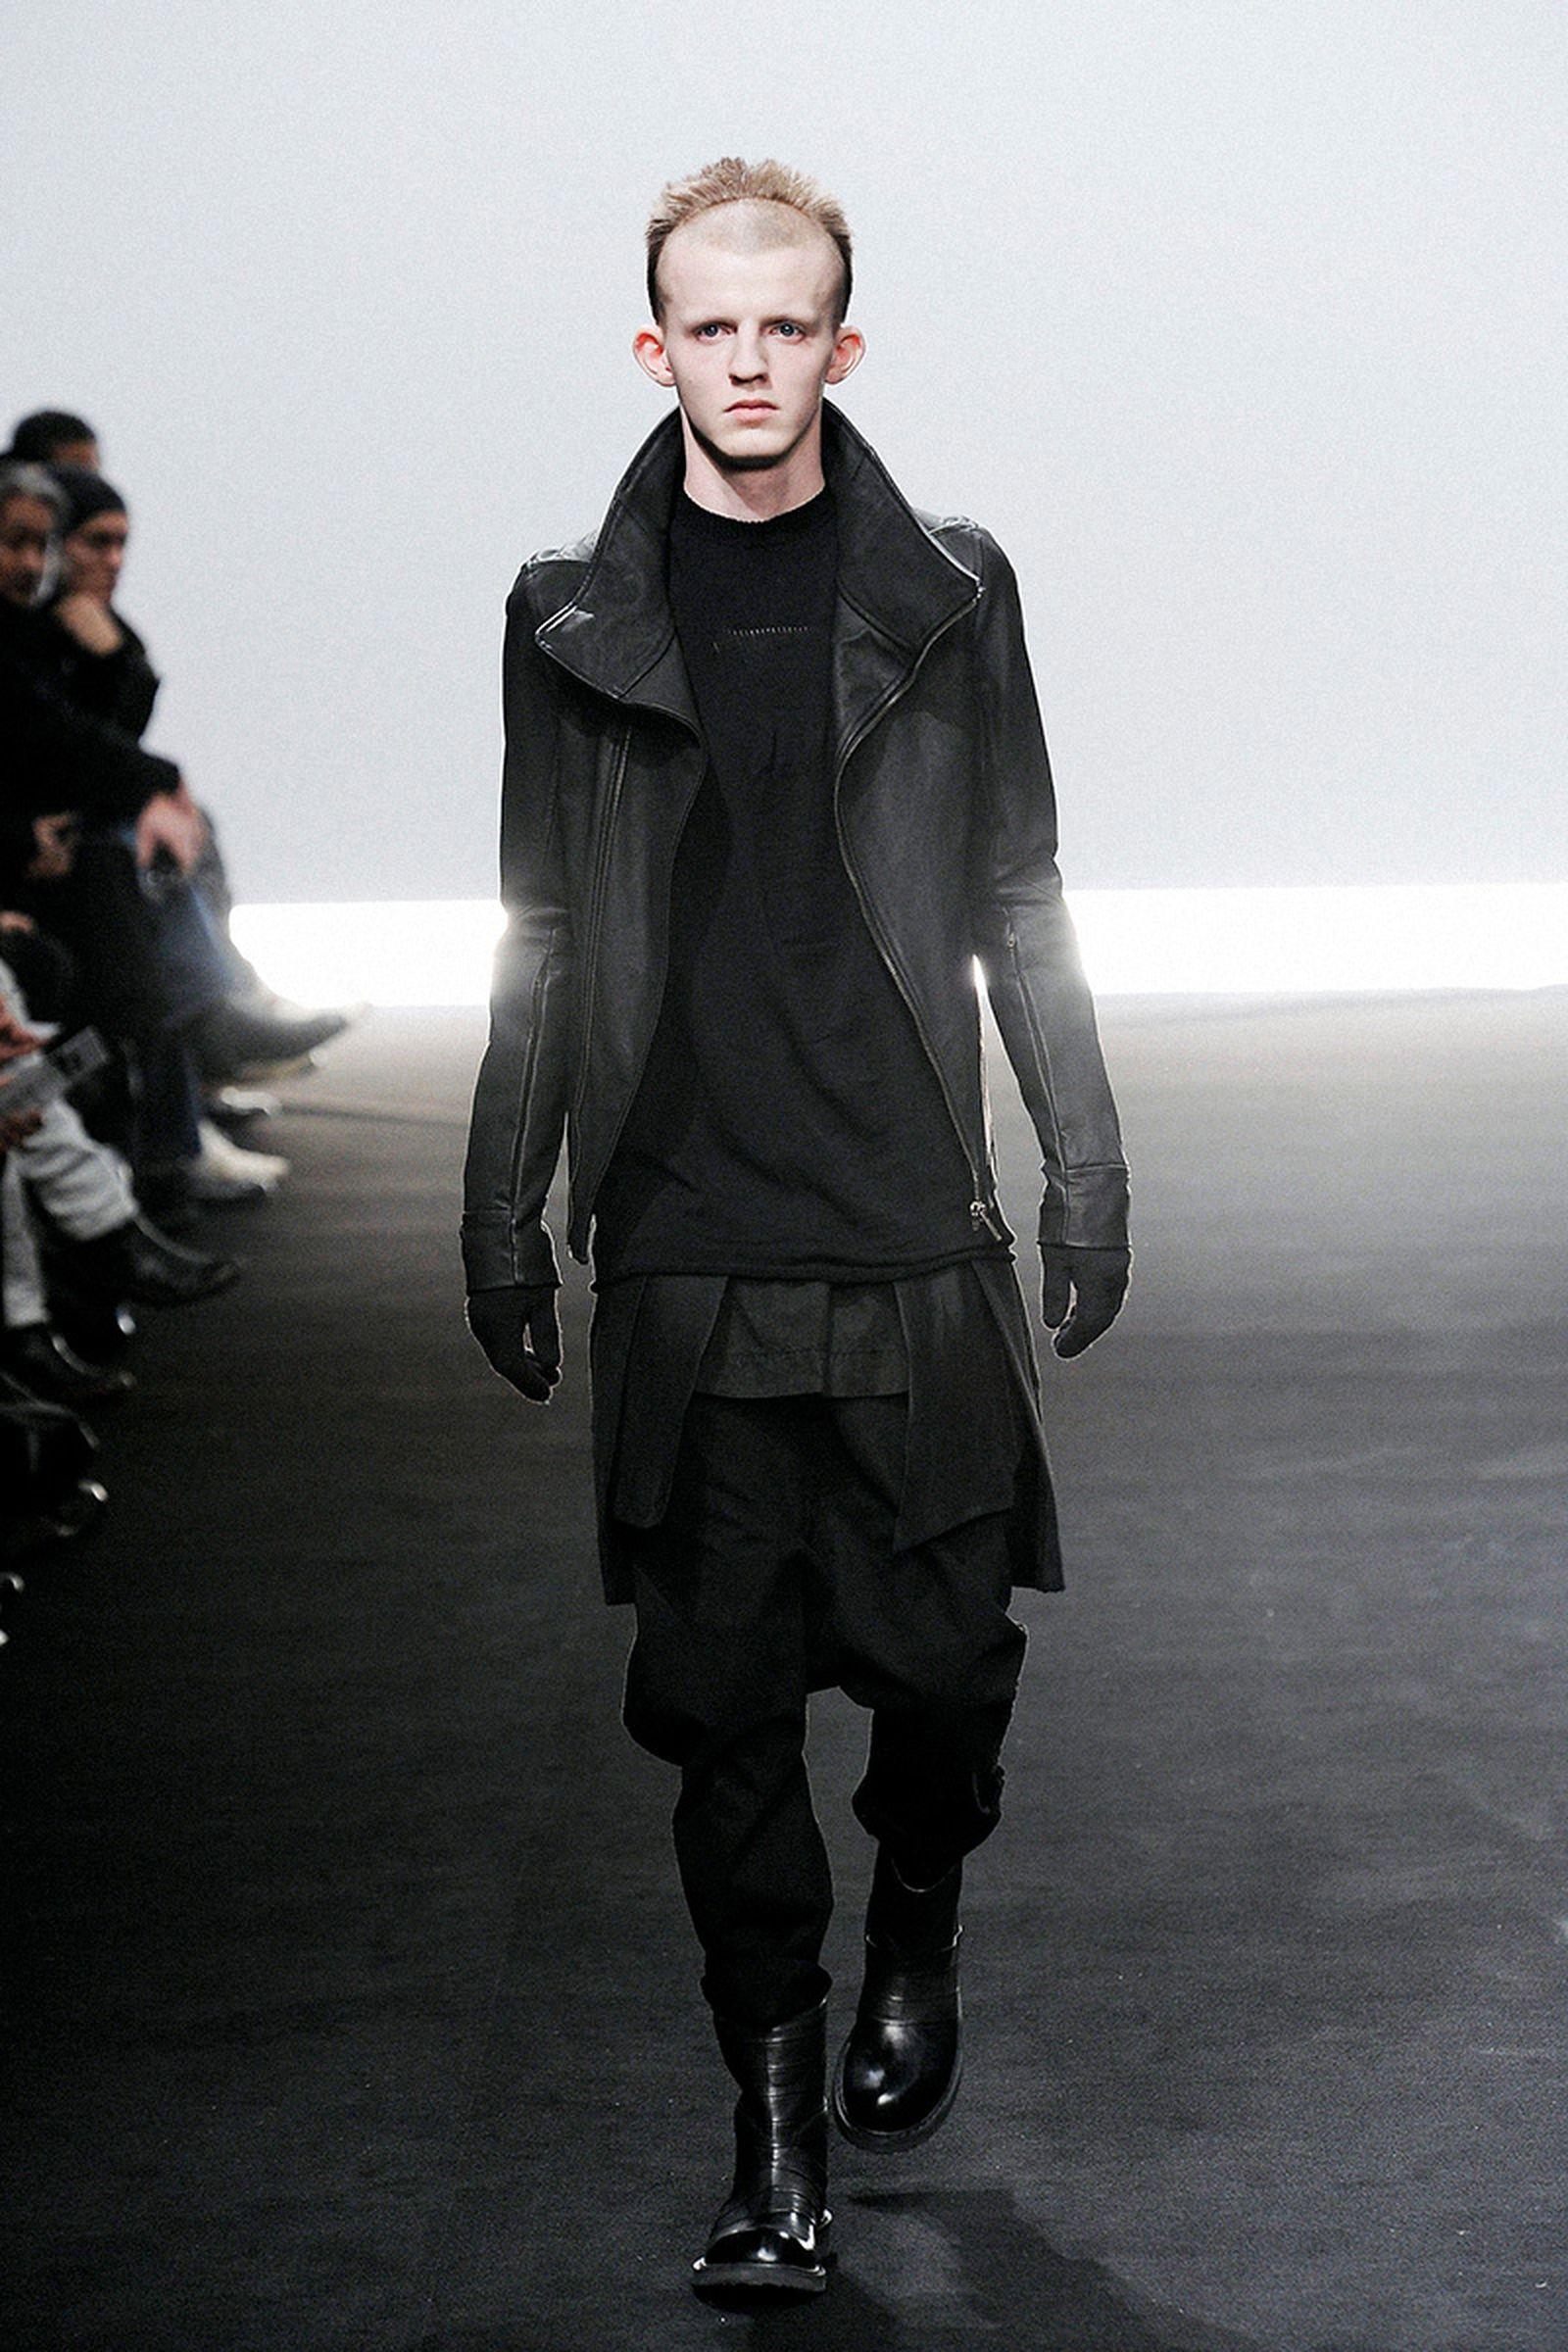 the-12-fashion-shows-that-changed-mens-fashion-rick-owens-04